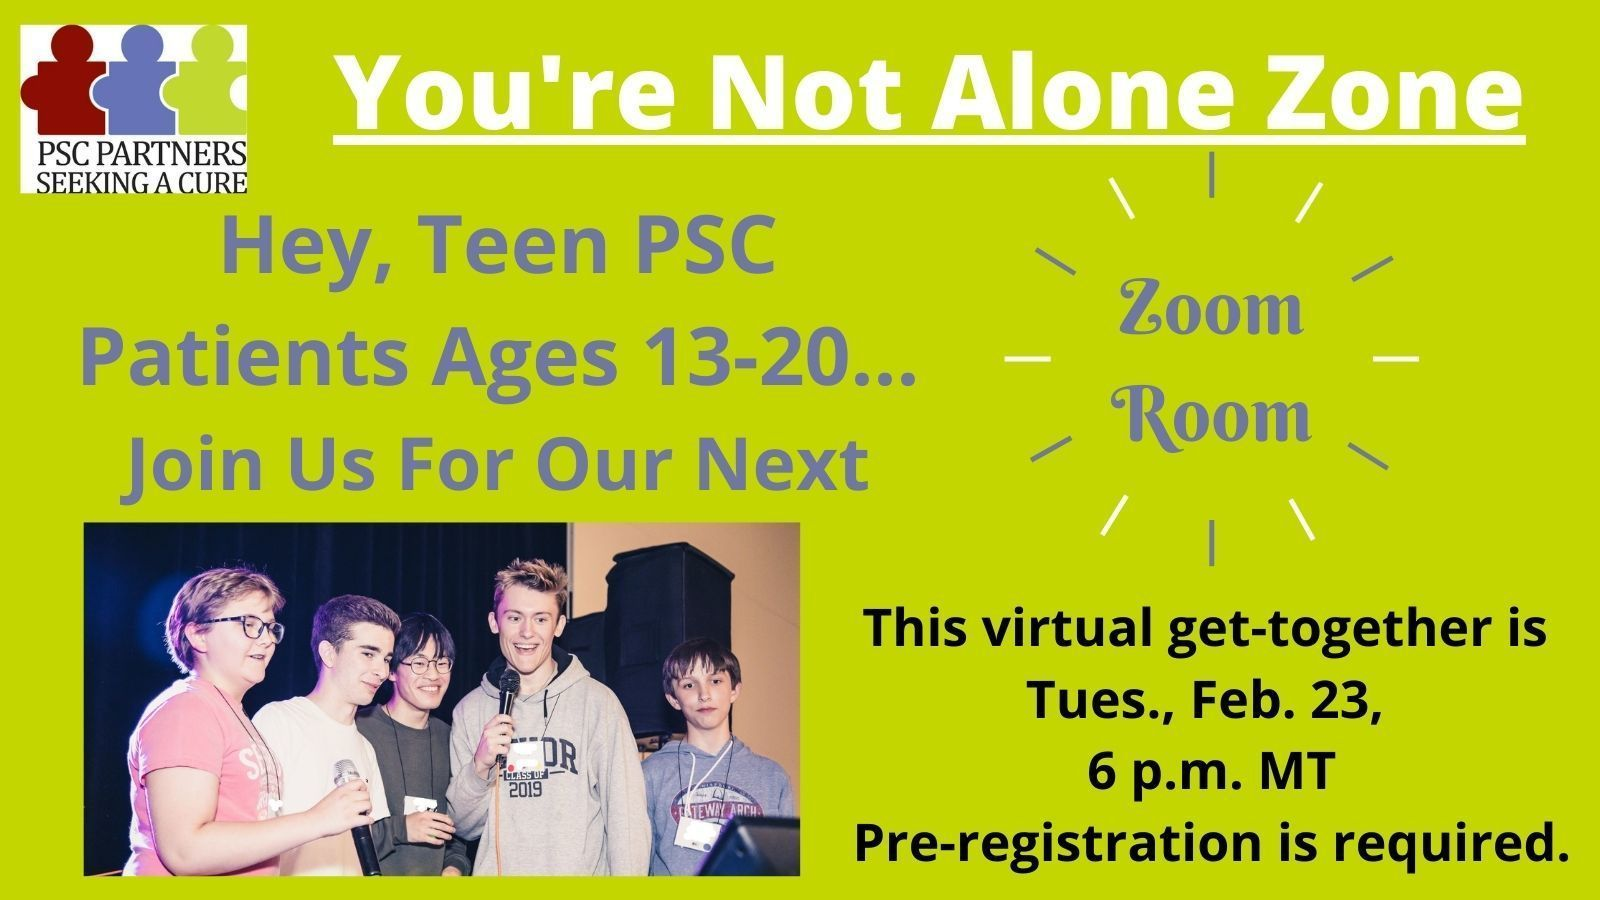 ZoomRoom for Teens (13-20)